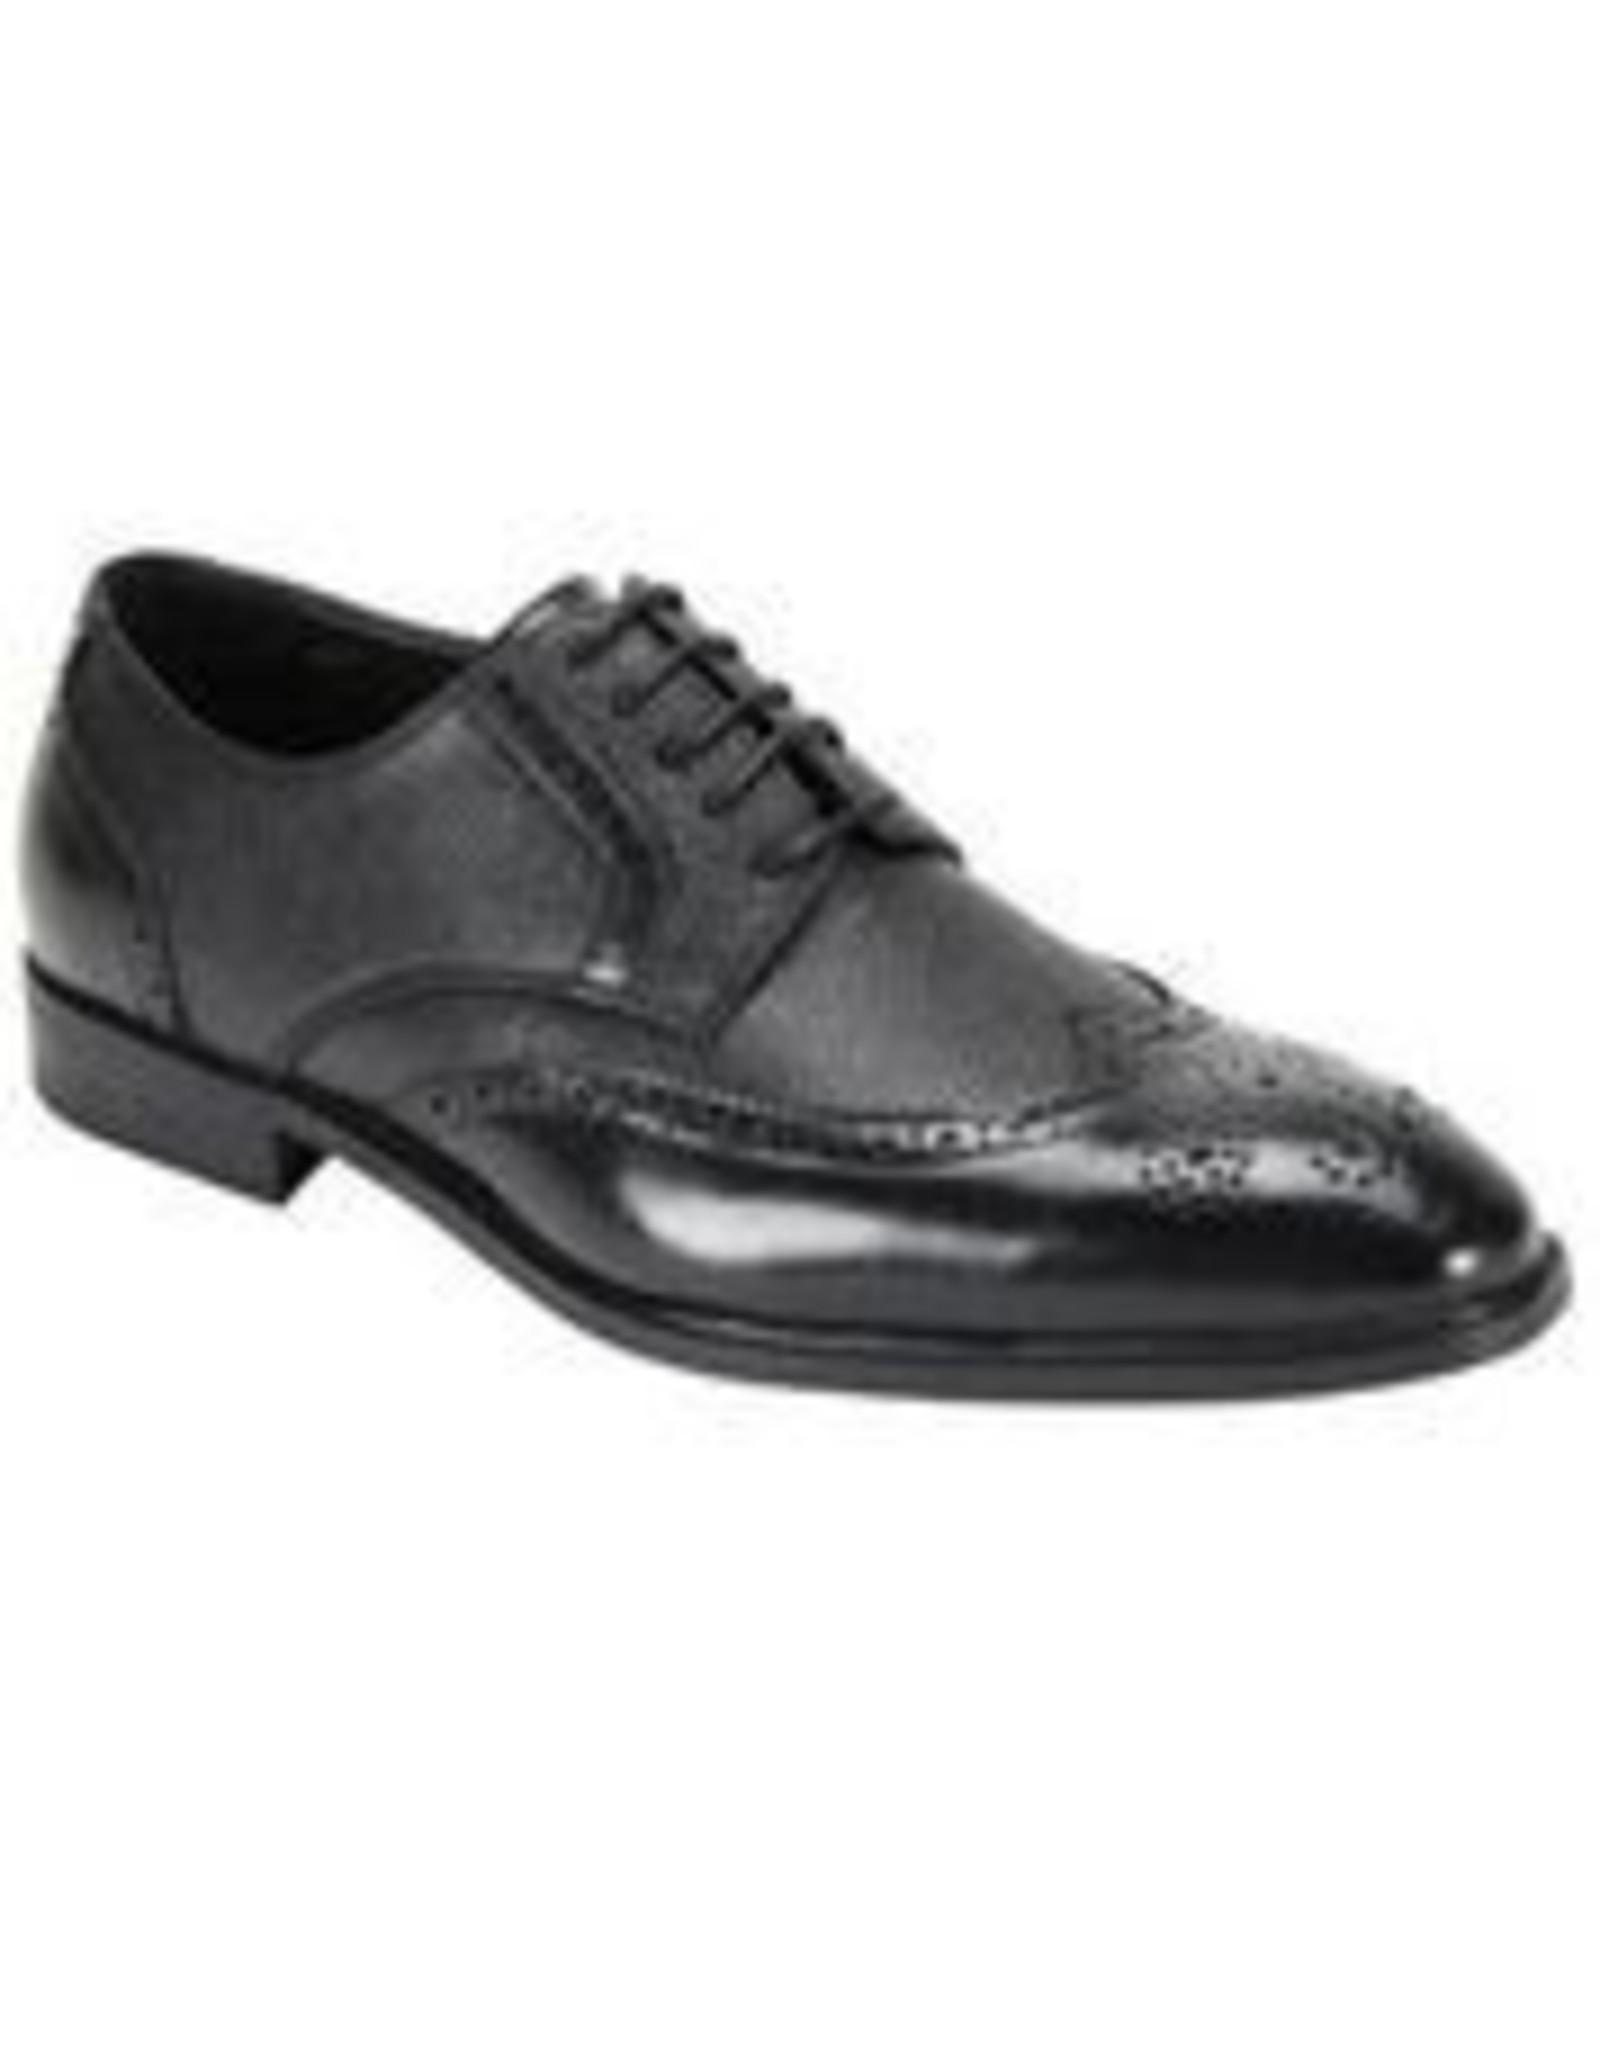 Antonio Cerrelli Antonio Cerrelli 6836 Dress Shoe - Black